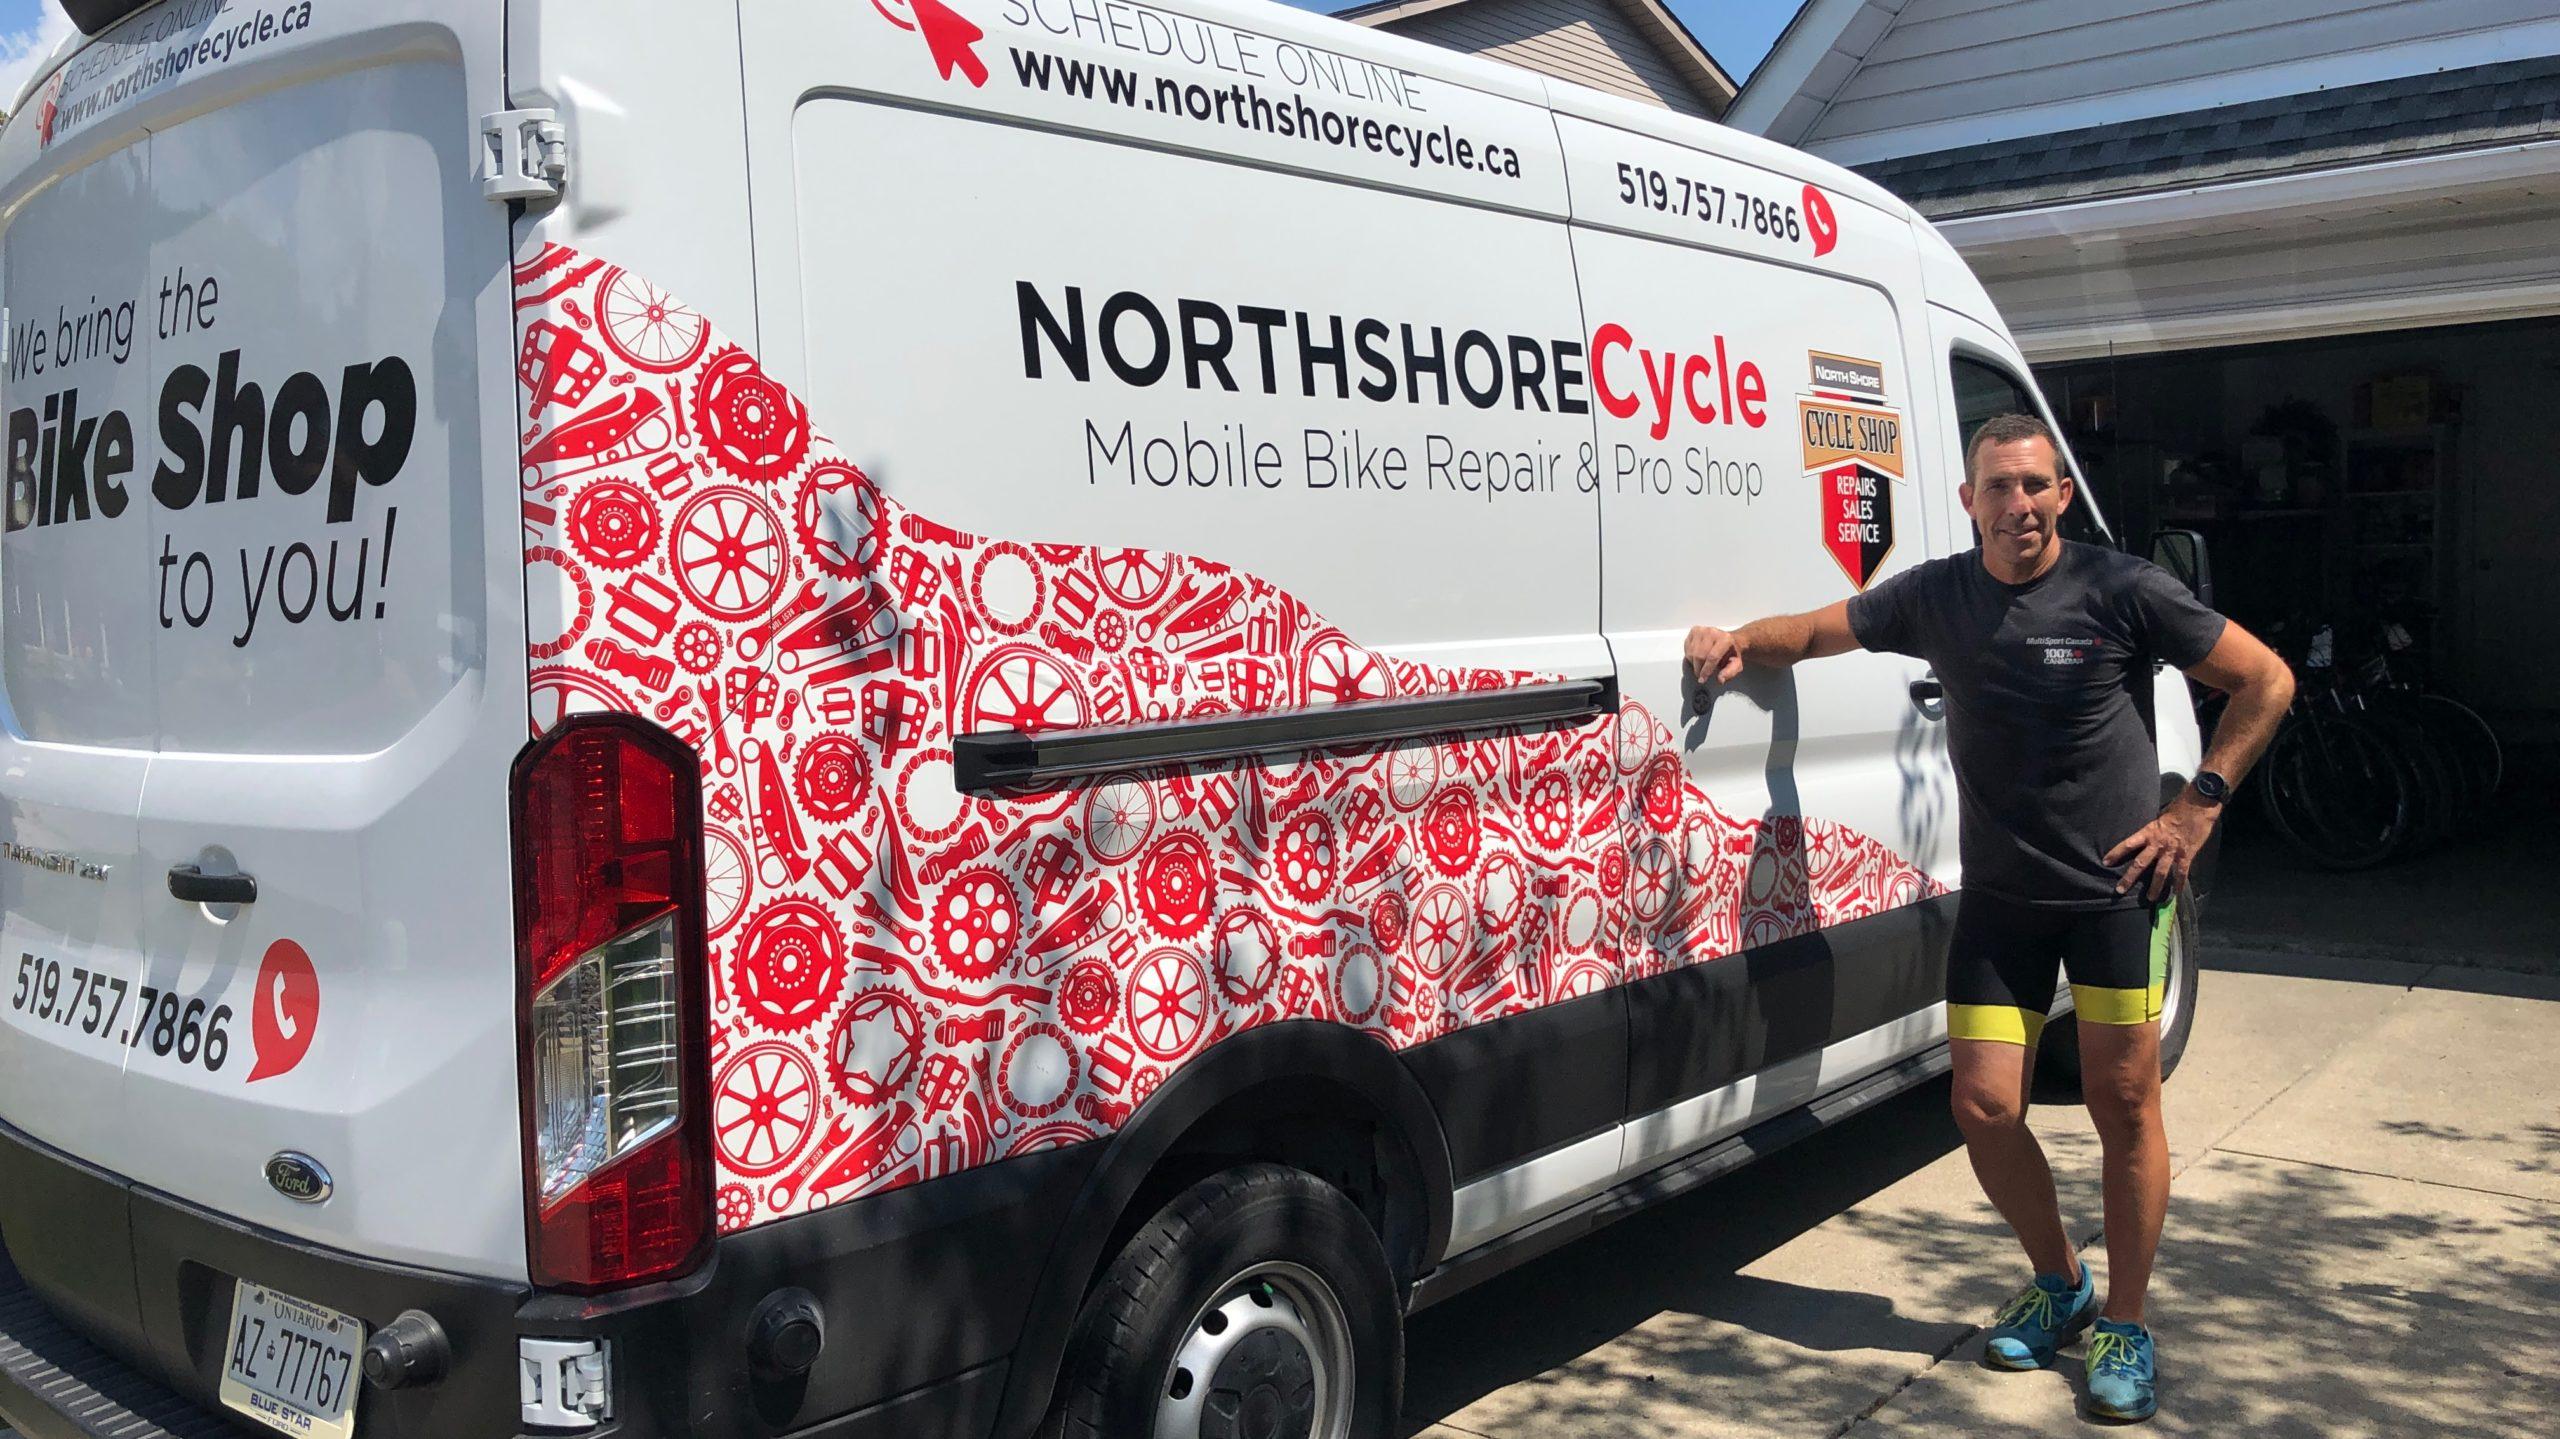 Scot at North Shore Cycle